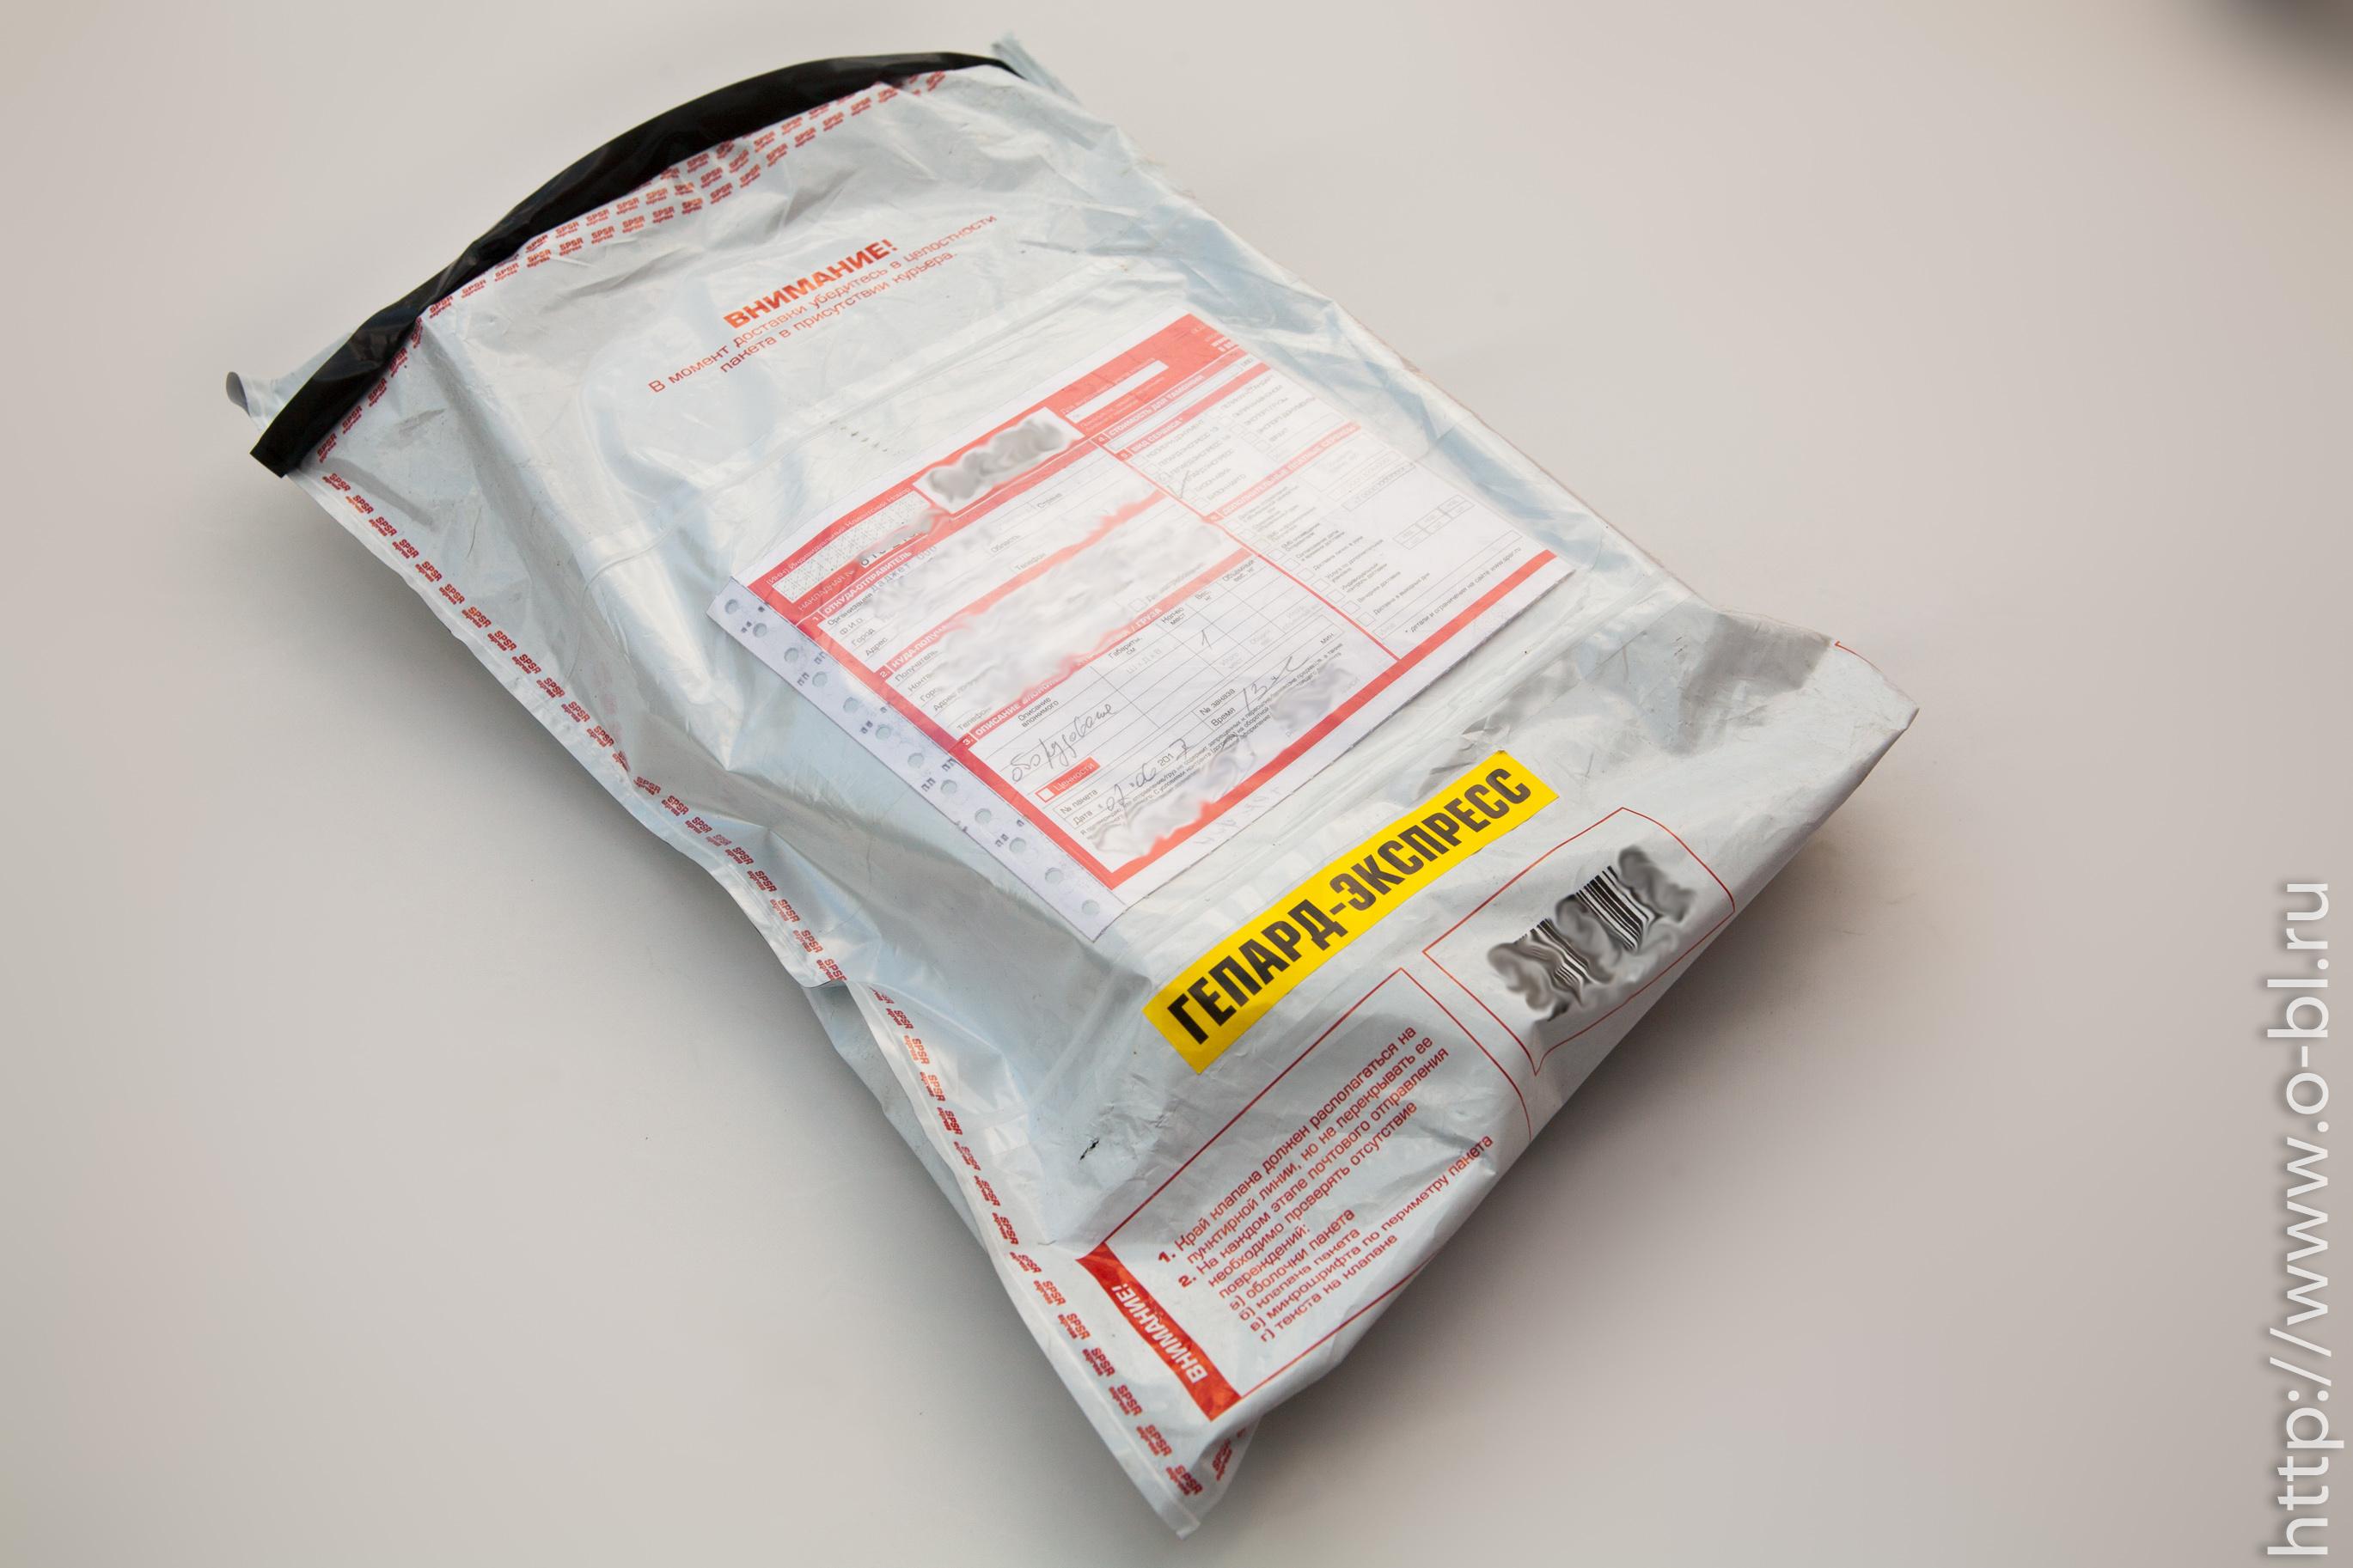 Вот такой пакетик я получил на третьи сутки